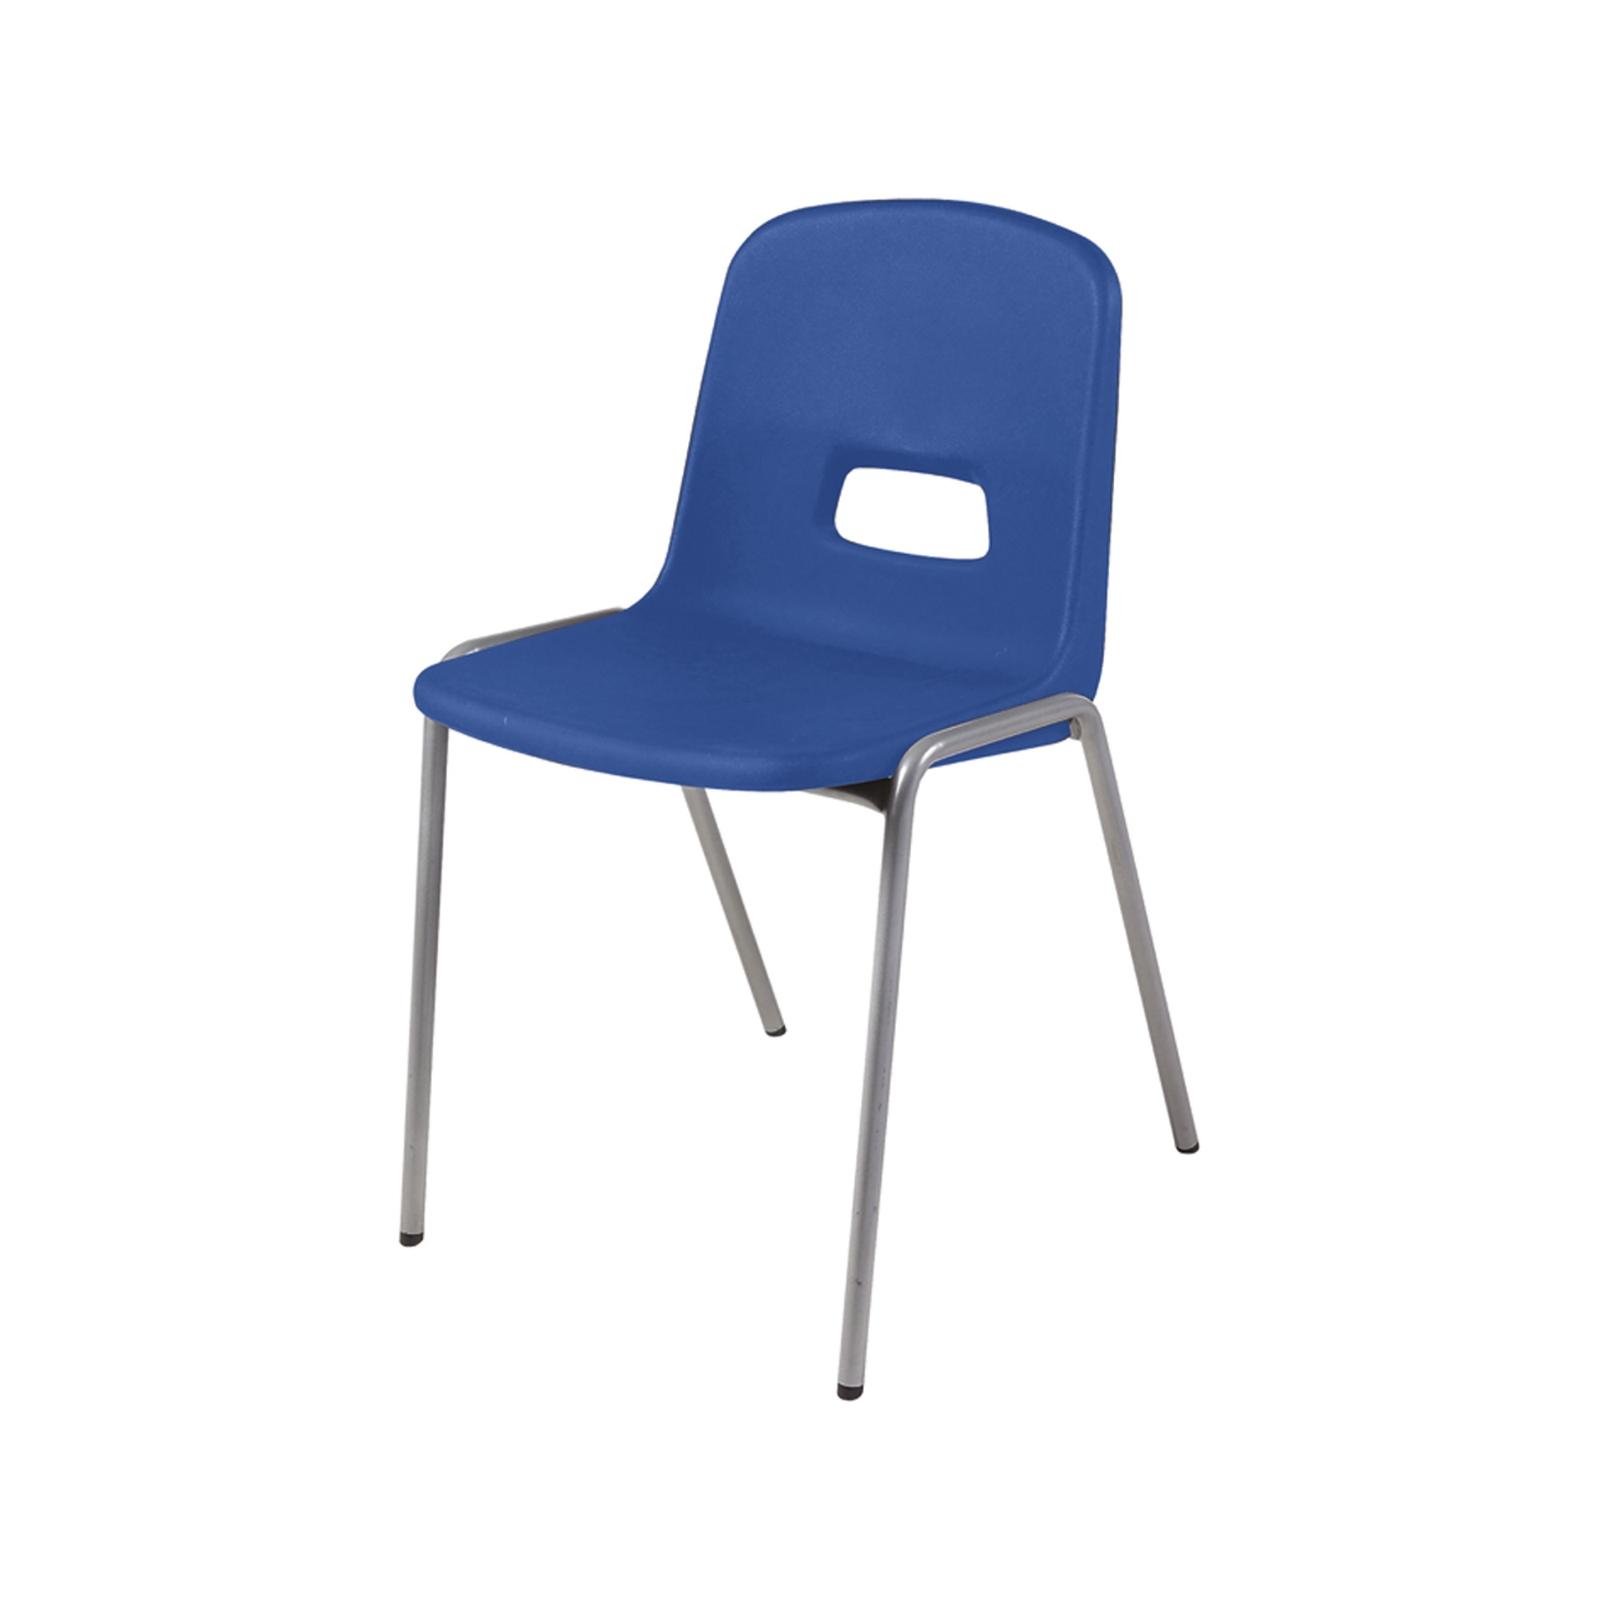 Reinspire Chair H430 Blue